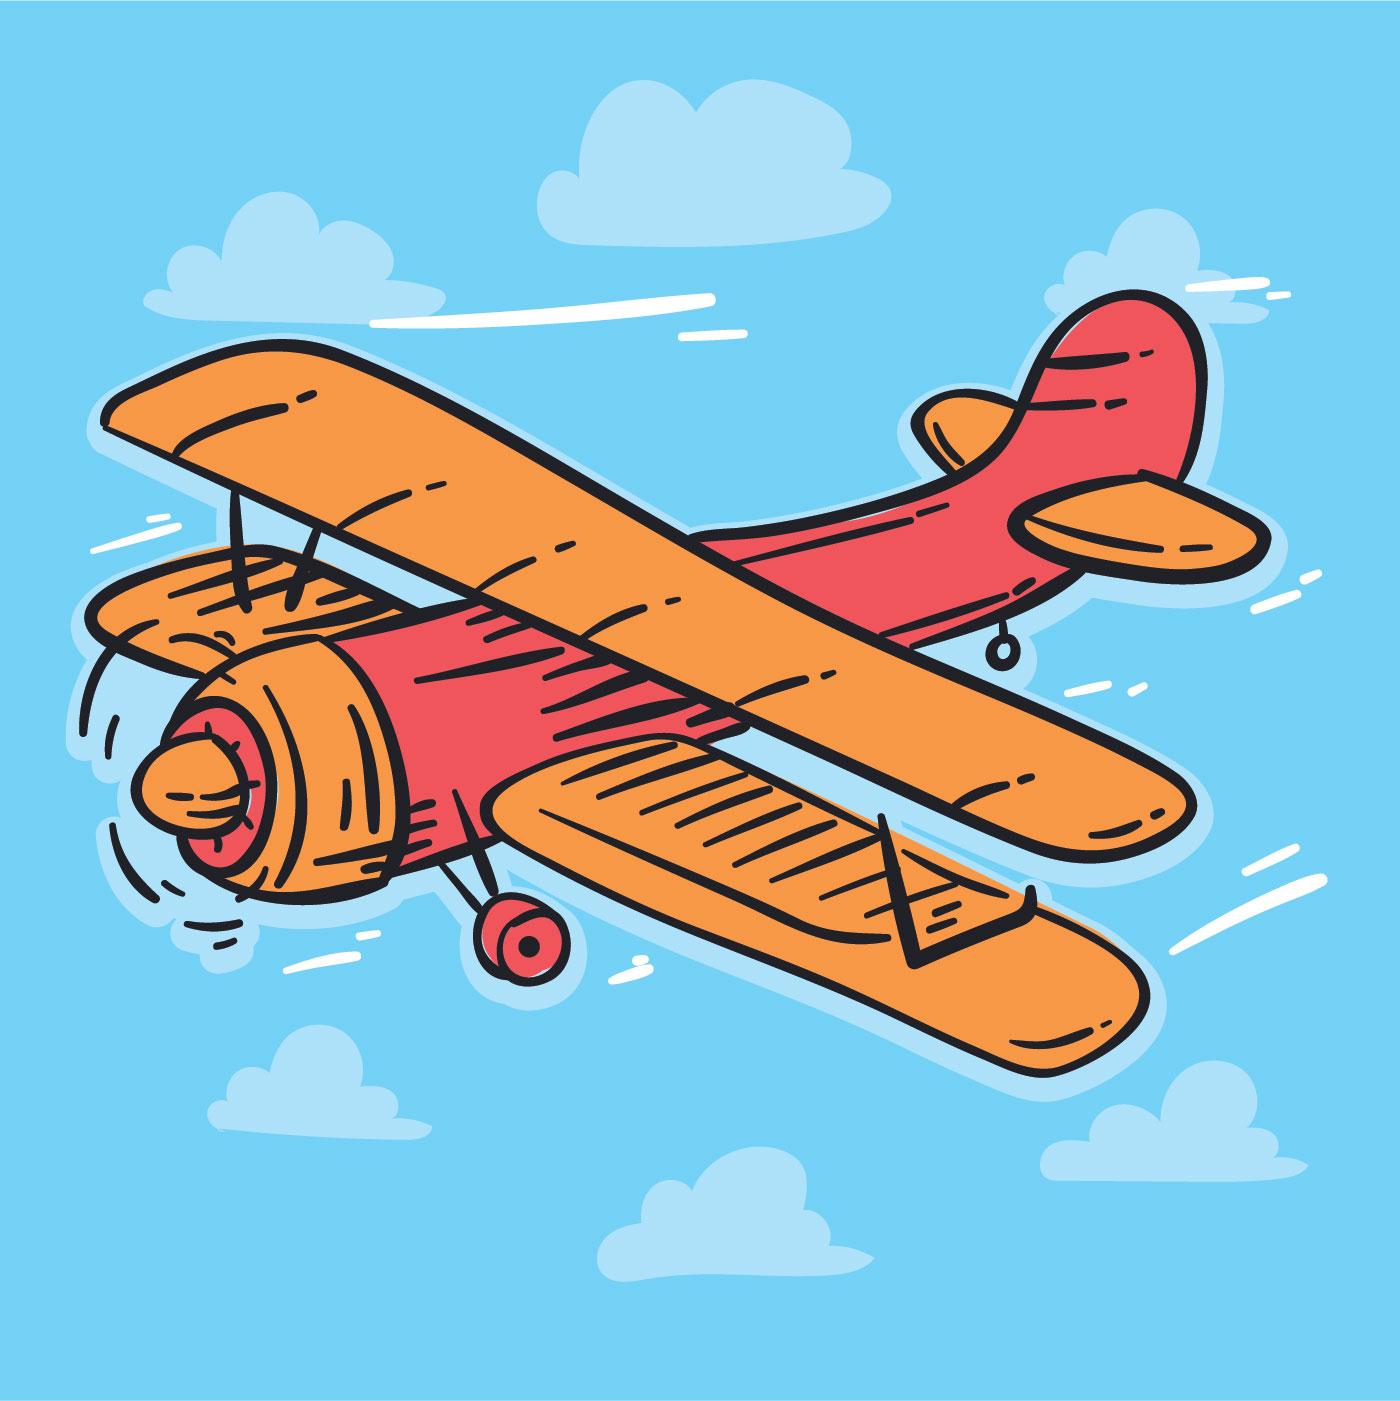 飛機插畫 免費下載   天天瘋後製